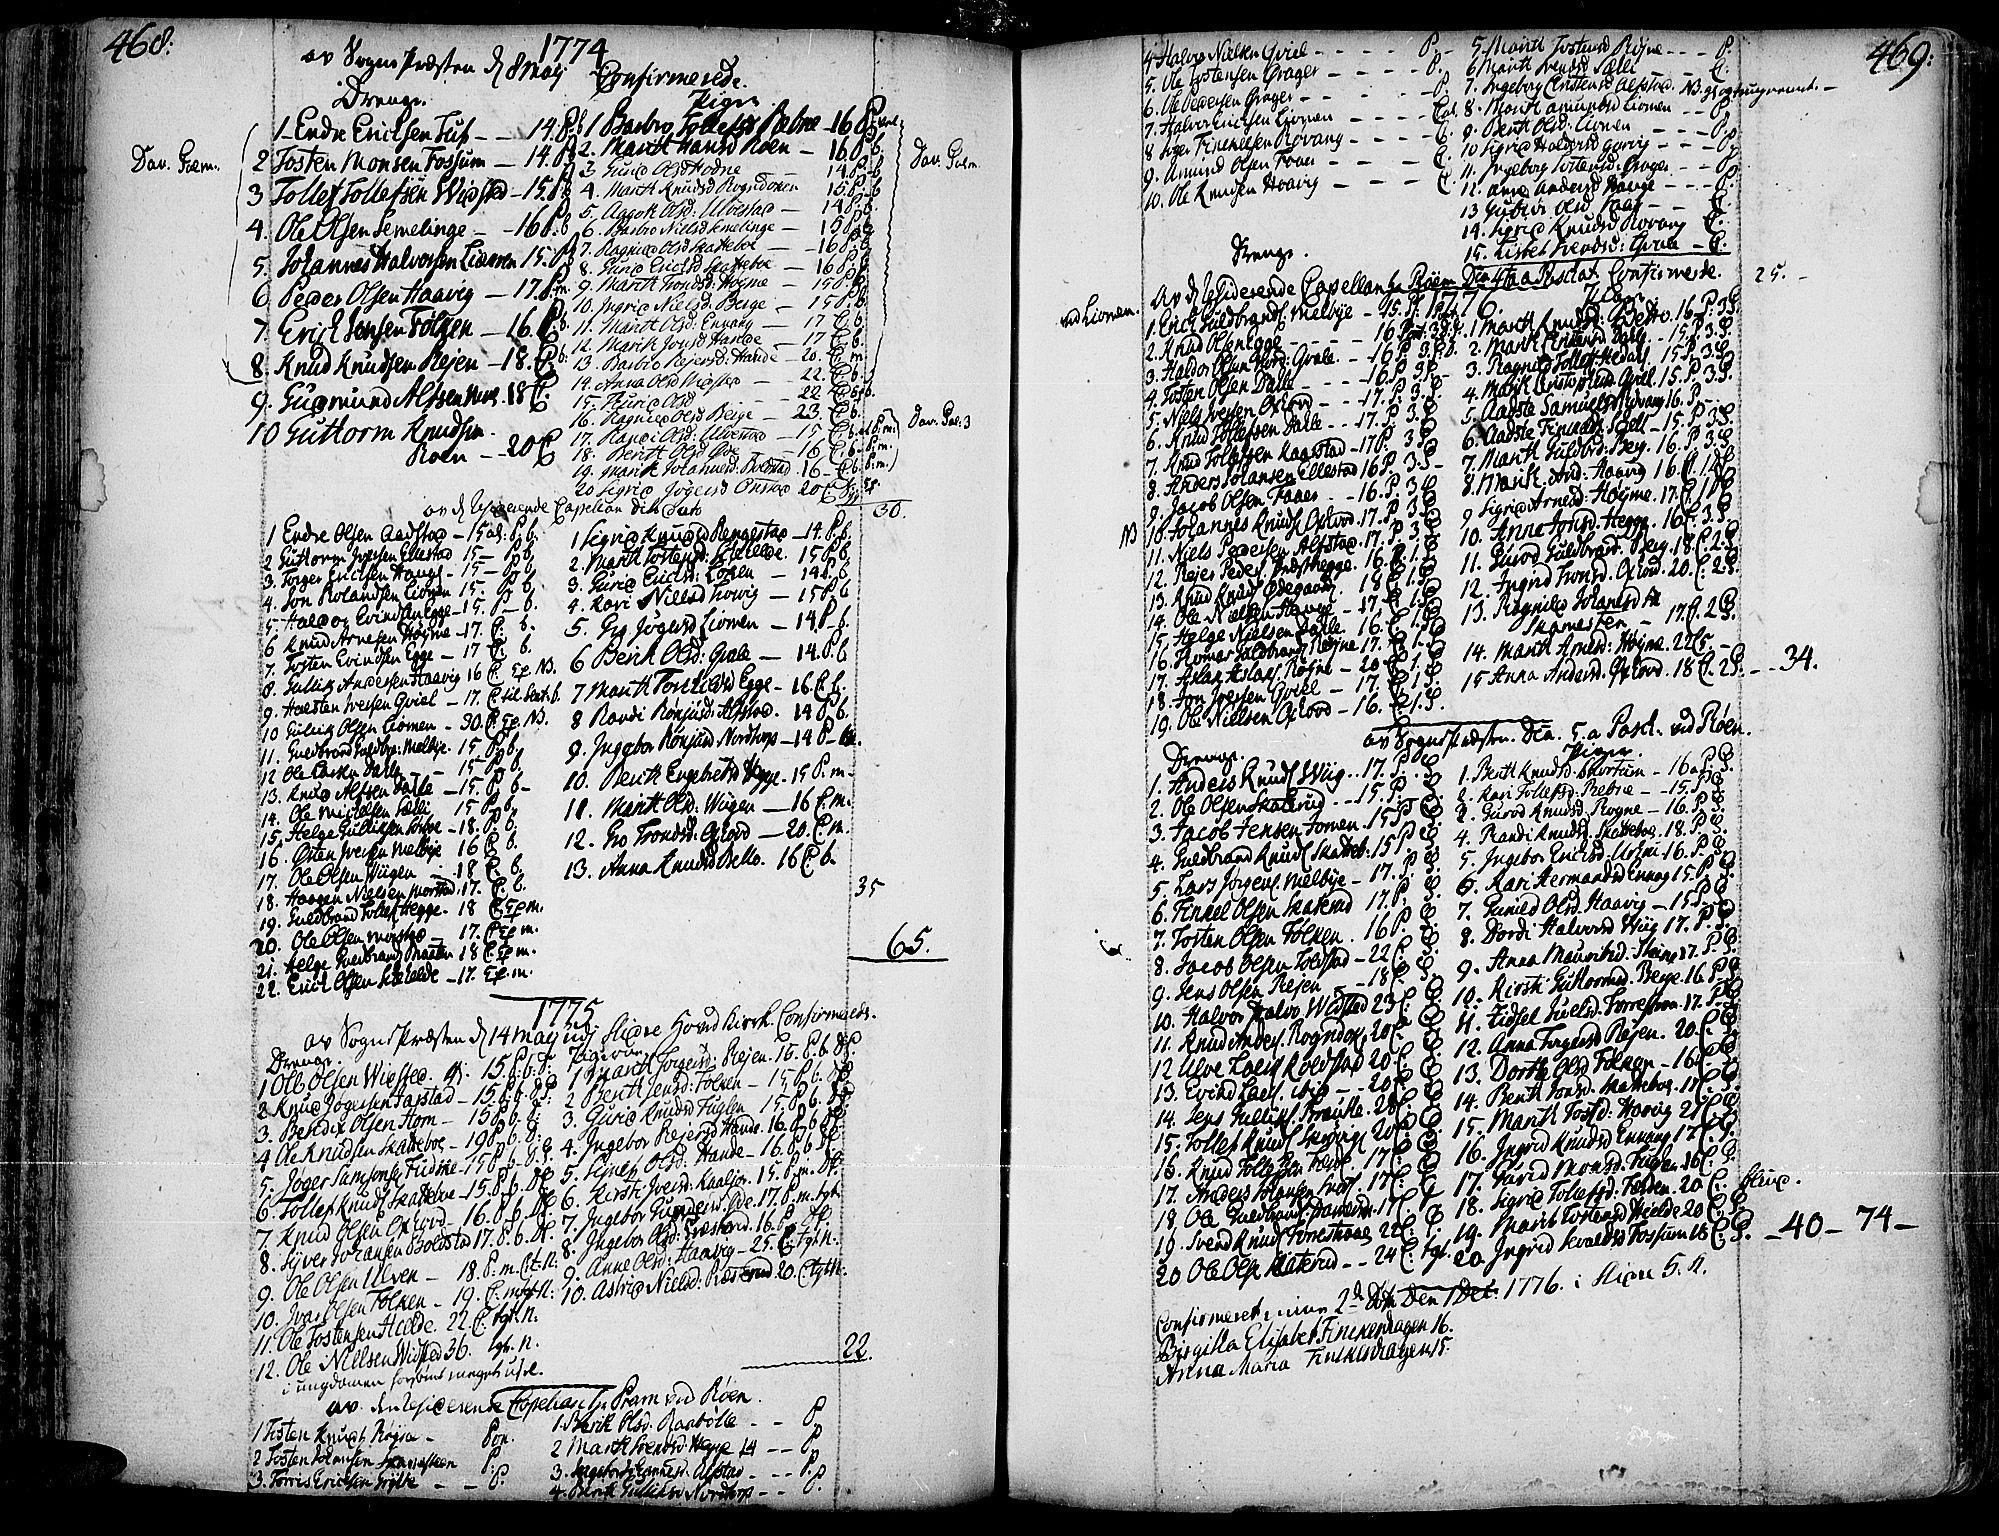 SAH, Slidre prestekontor, Ministerialbok nr. 1, 1724-1814, s. 468-469